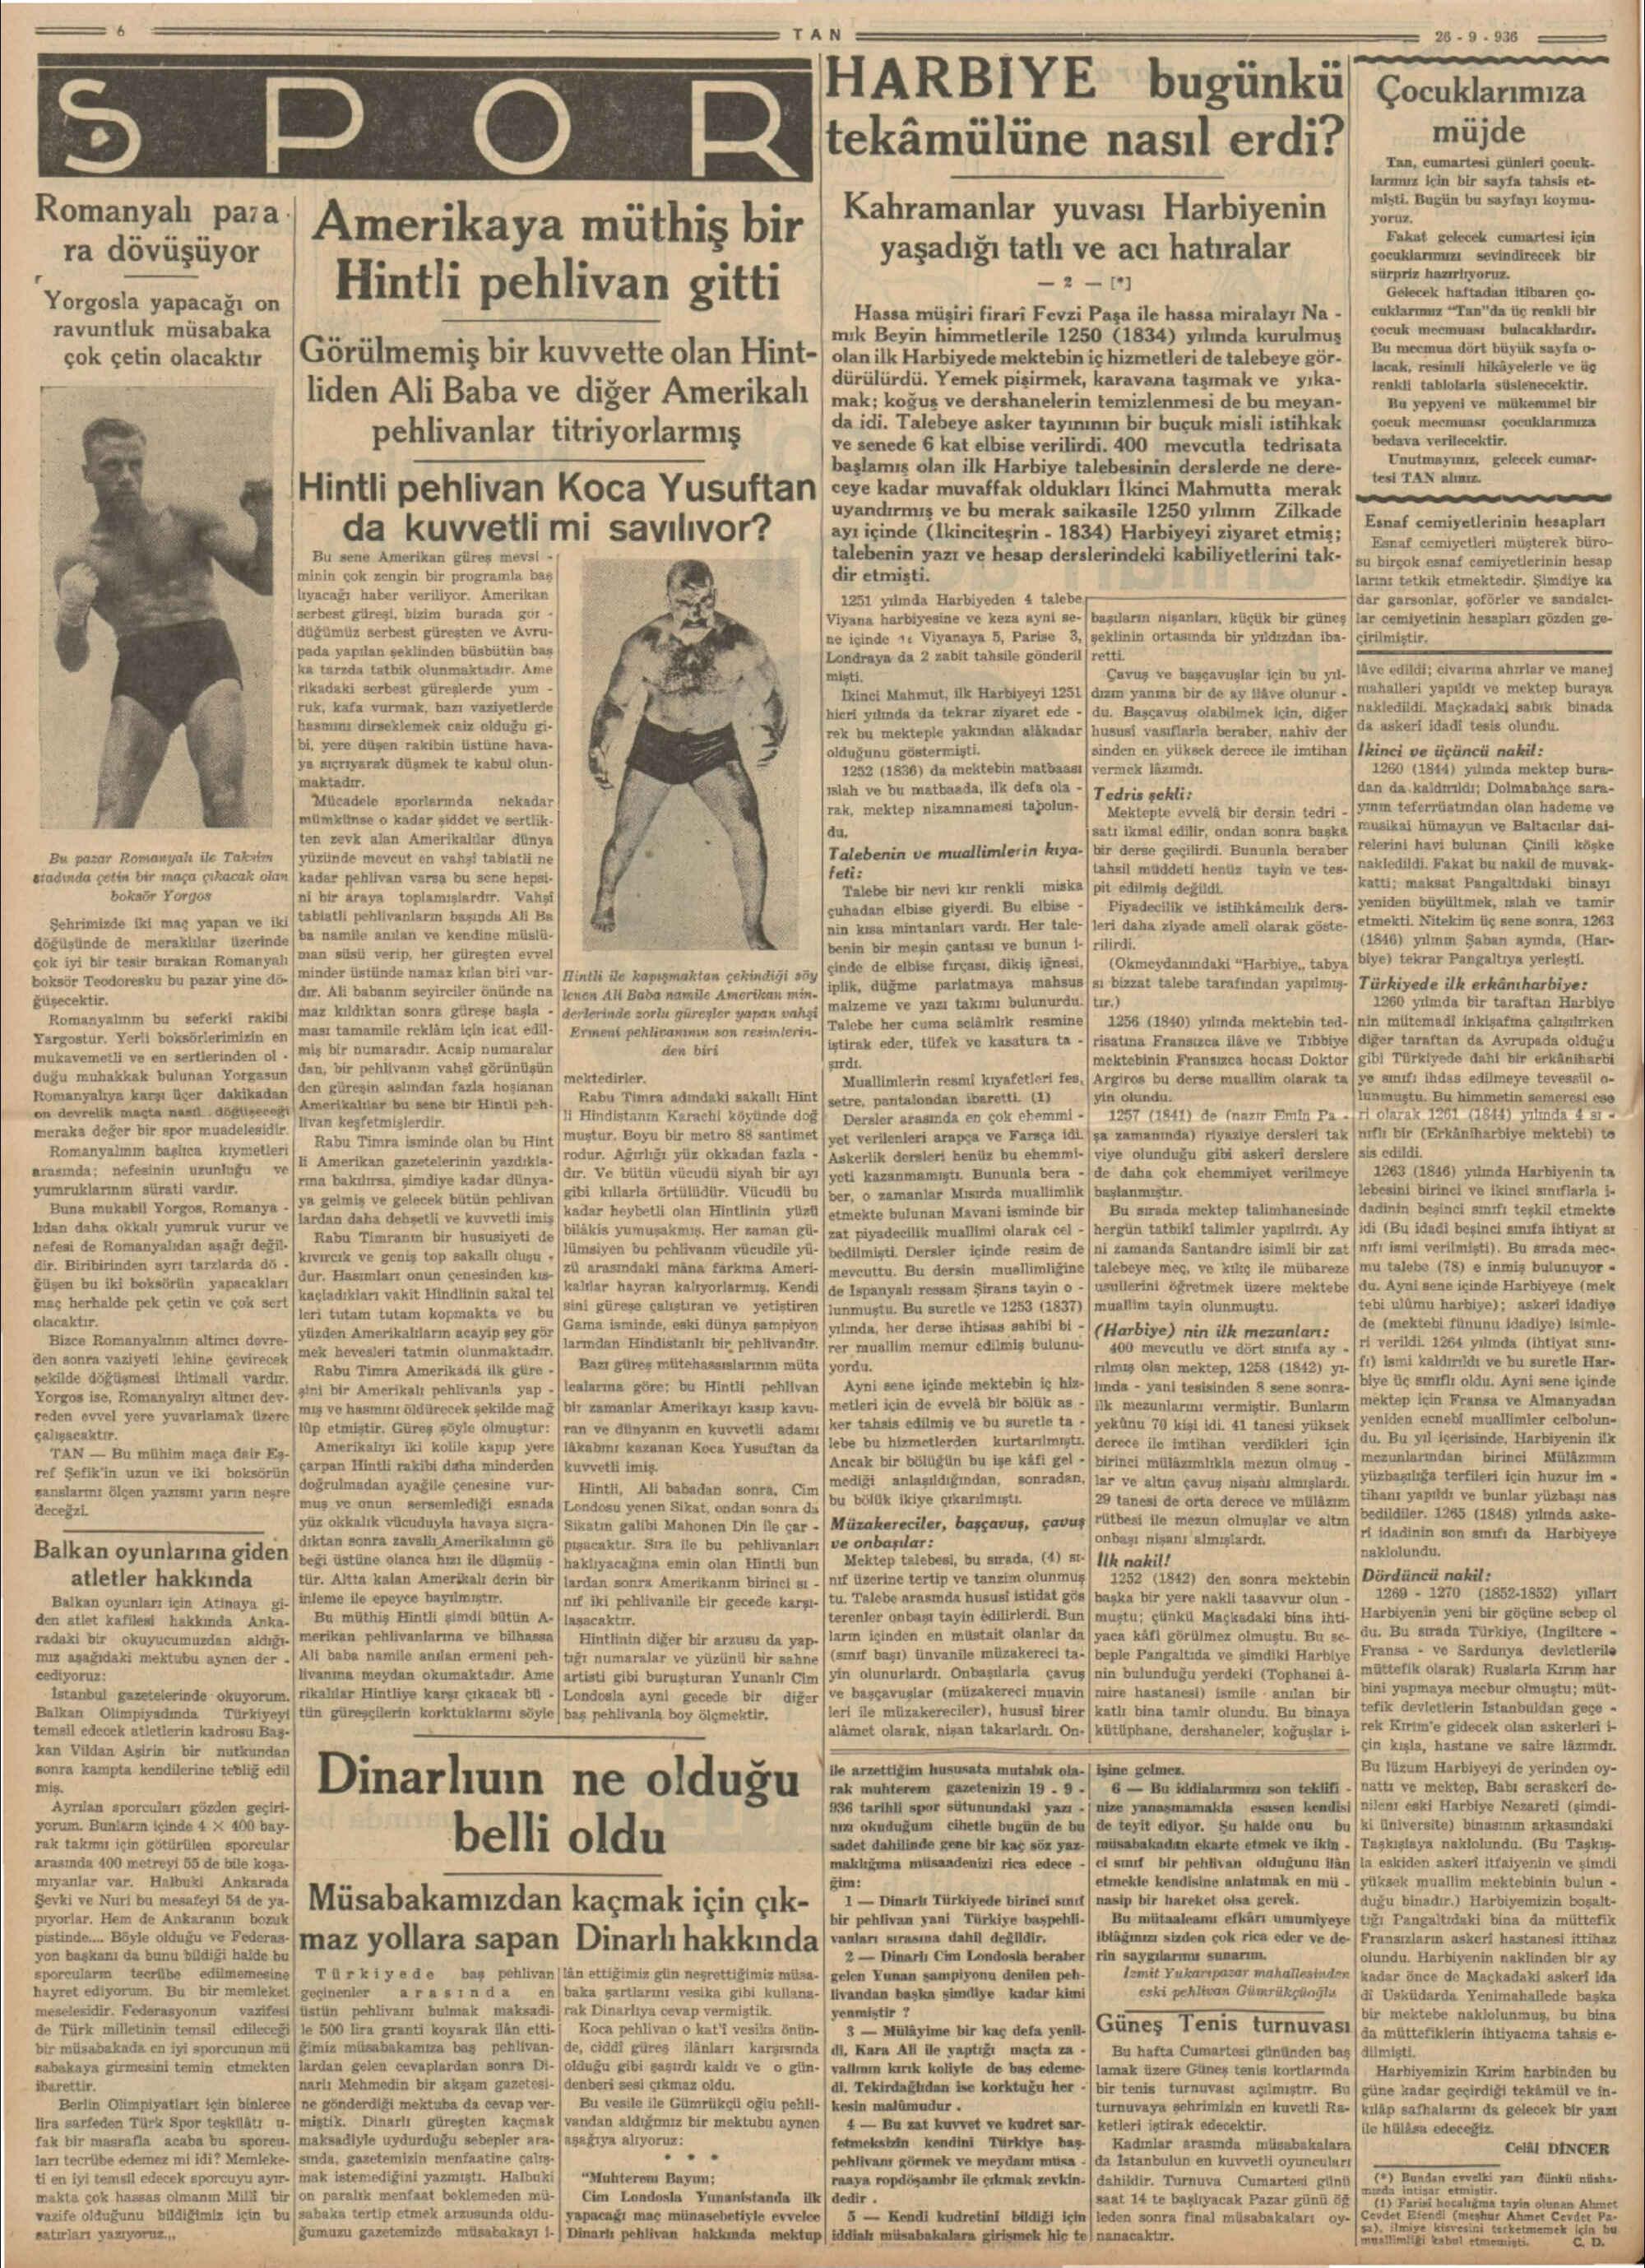 26 Eylül 1936 Tarihli Tan Dergisi Sayfa 6